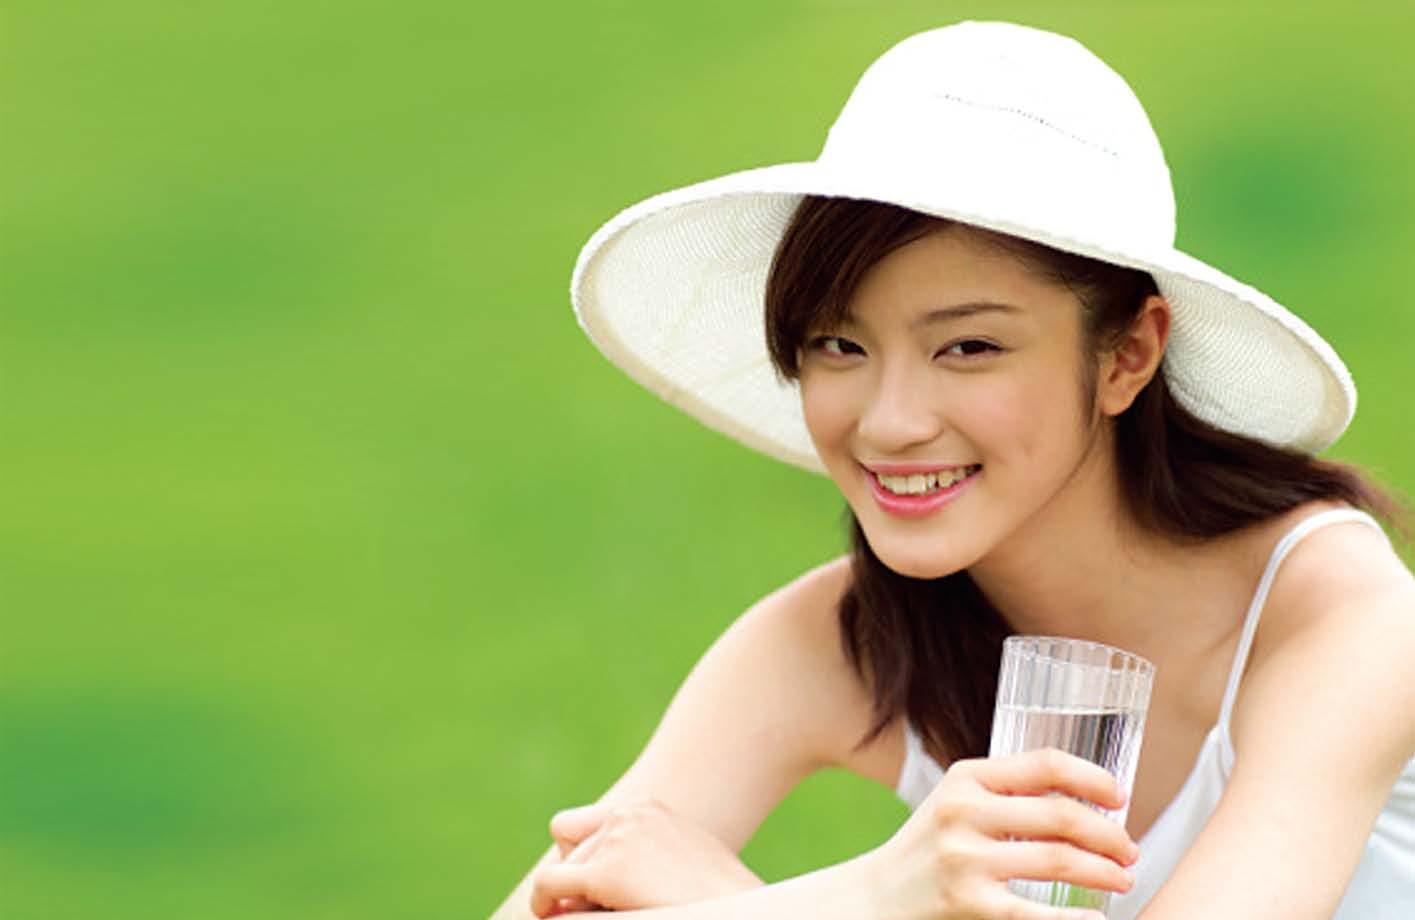 Viêm đường tiết niệu nguyên nhân và cách điều trị cho nữ